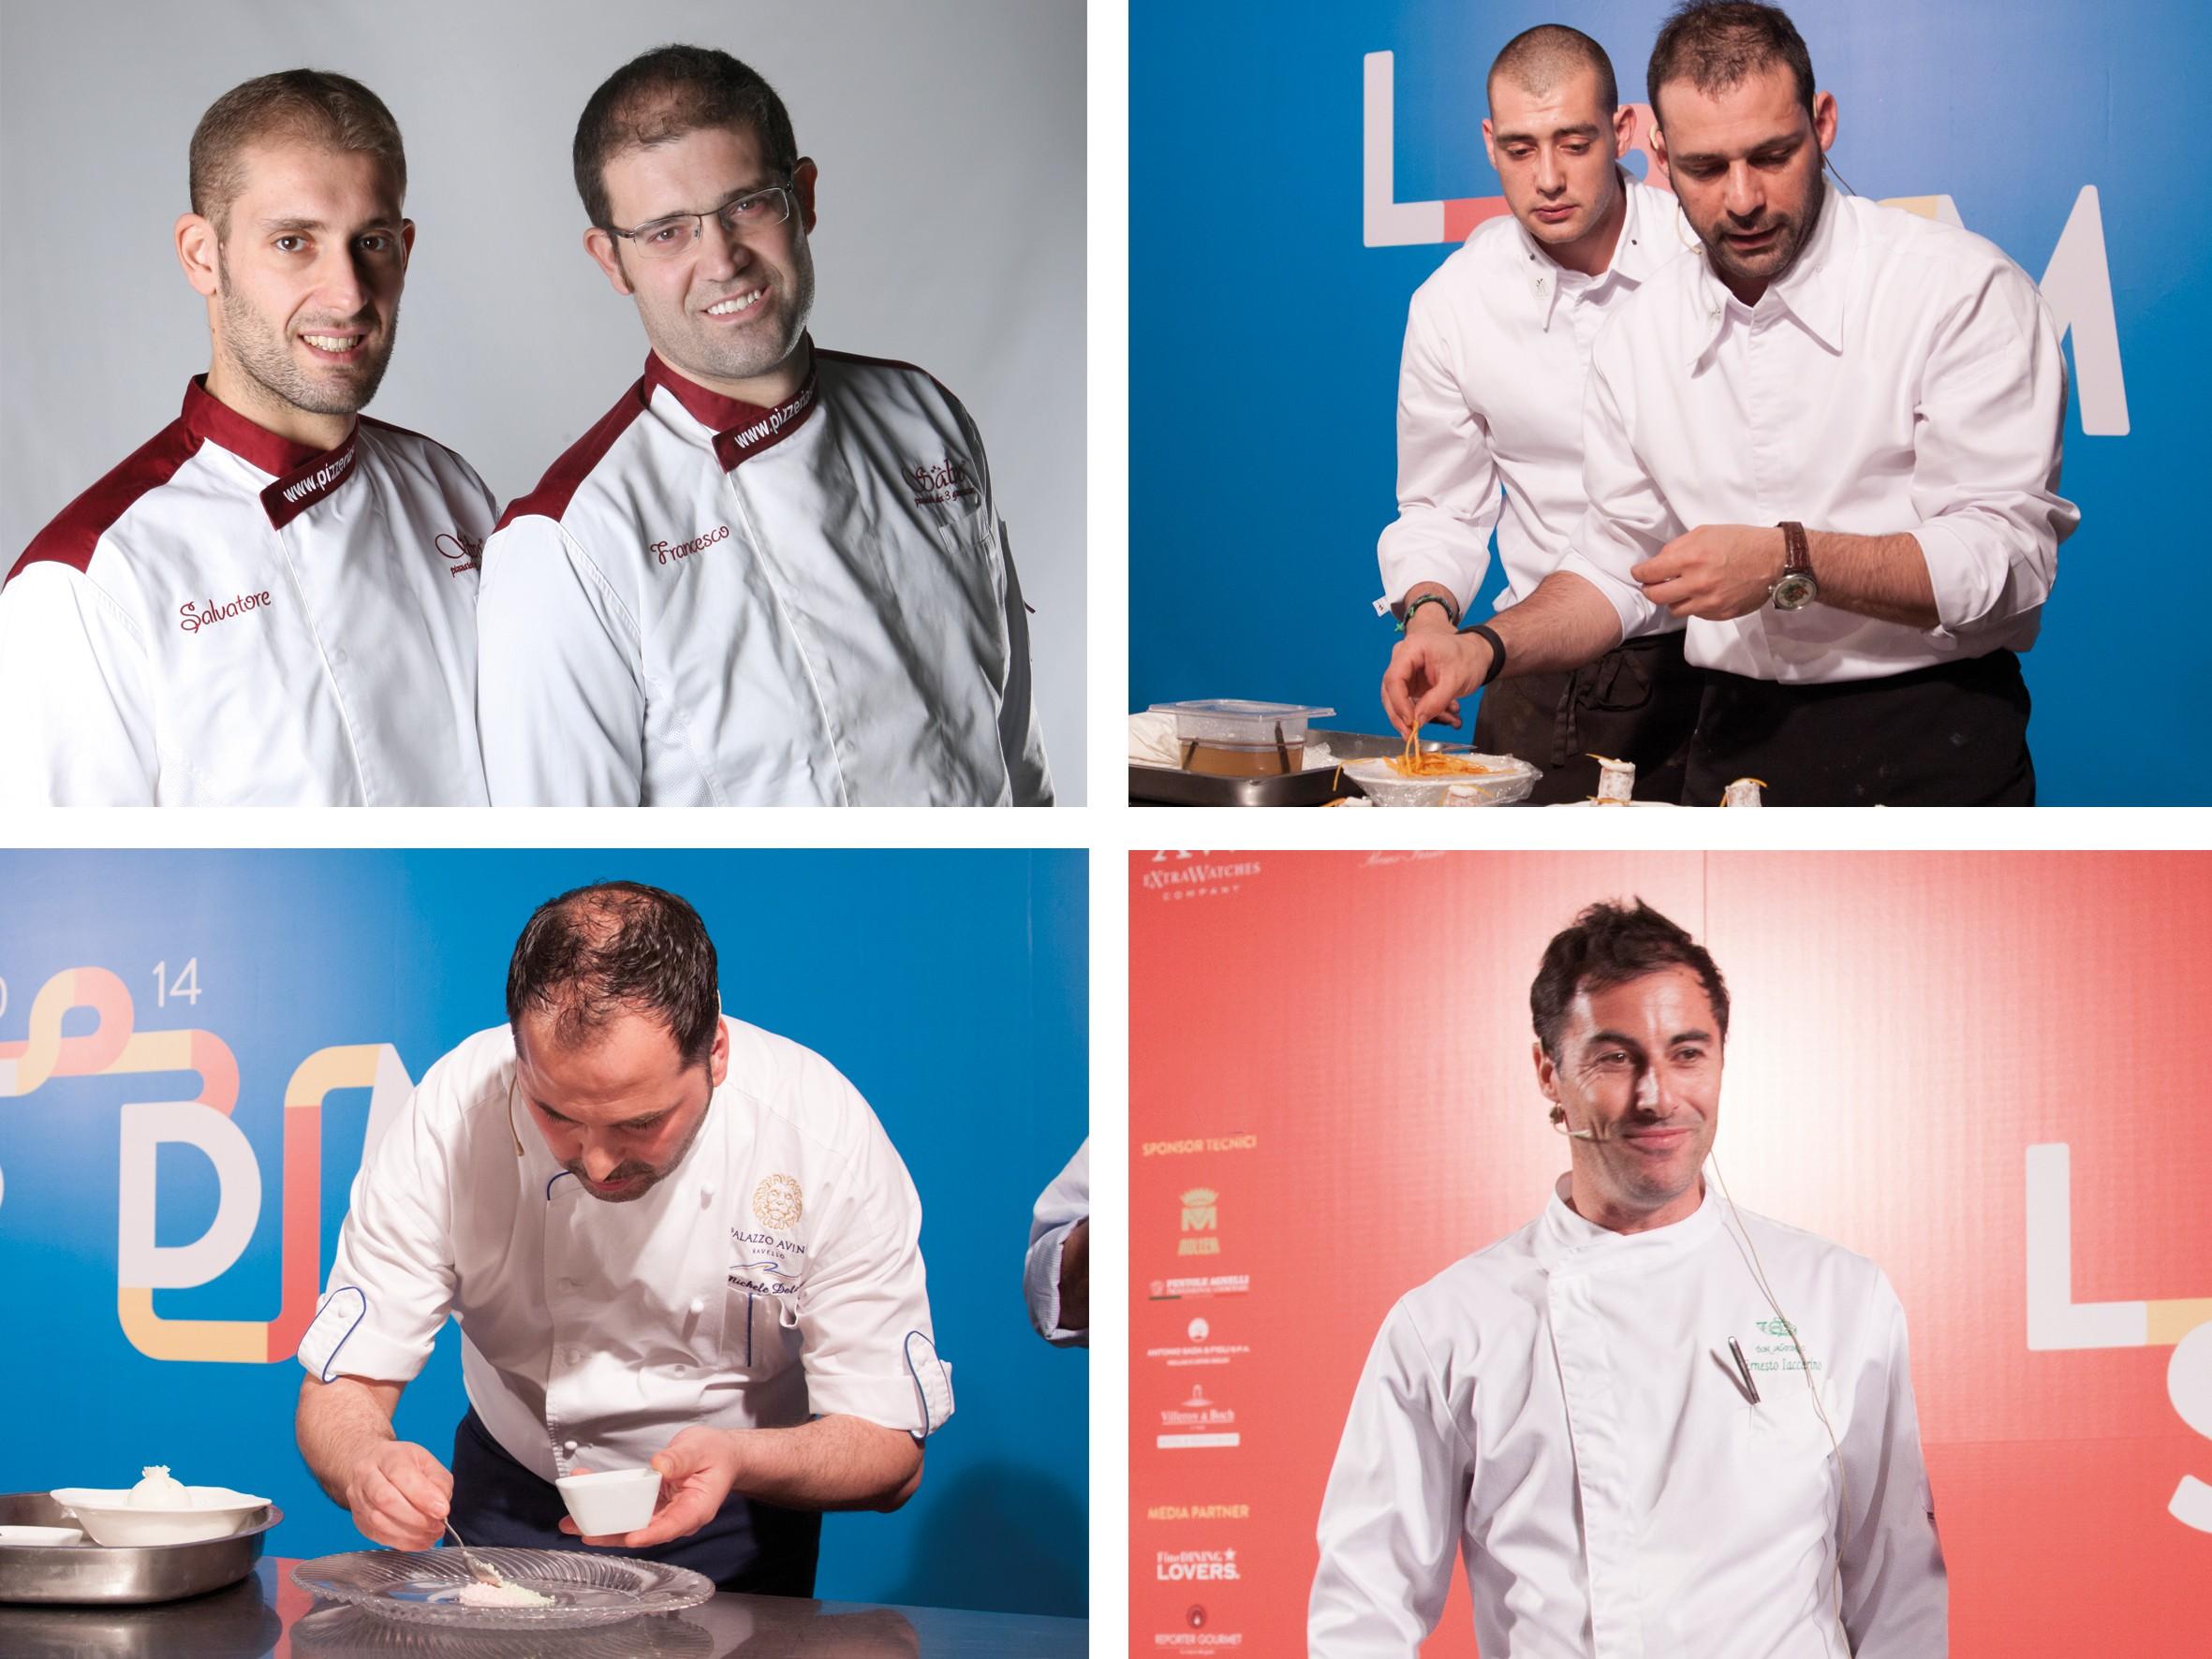 Le grandi ricette della cucina italiana protagoniste dei corsi